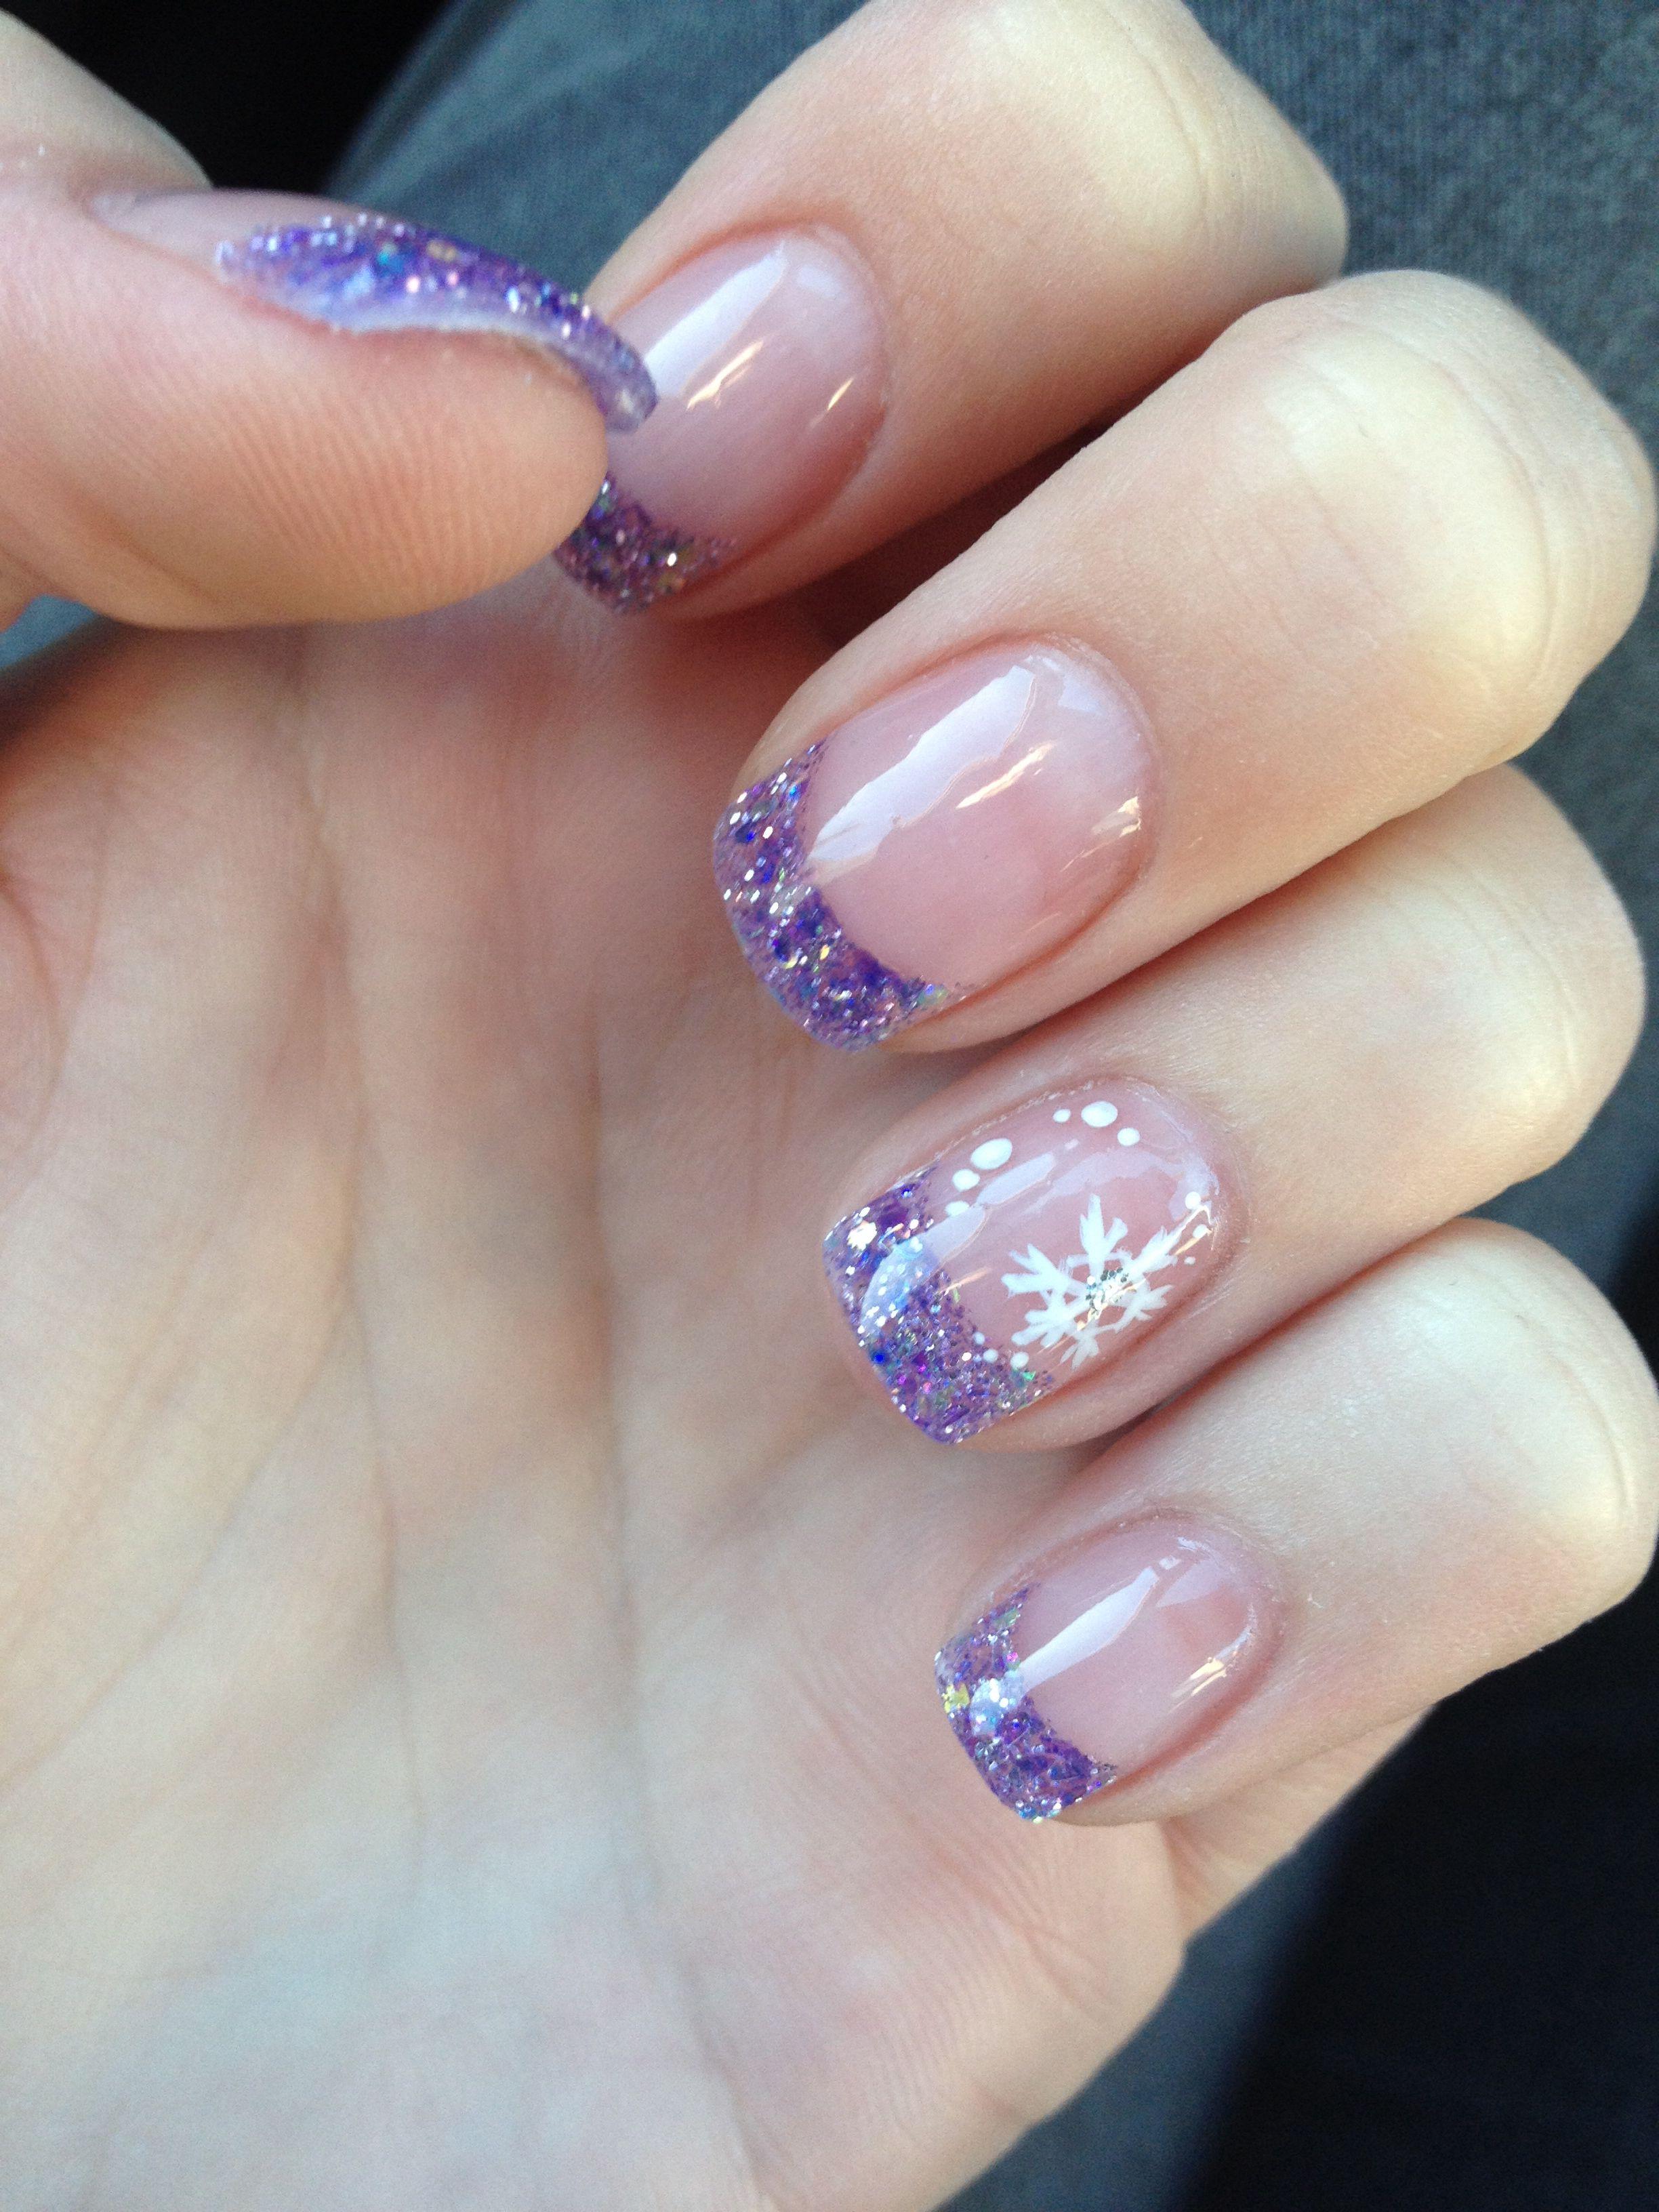 Winter time nail design nails naildesign nailart snow